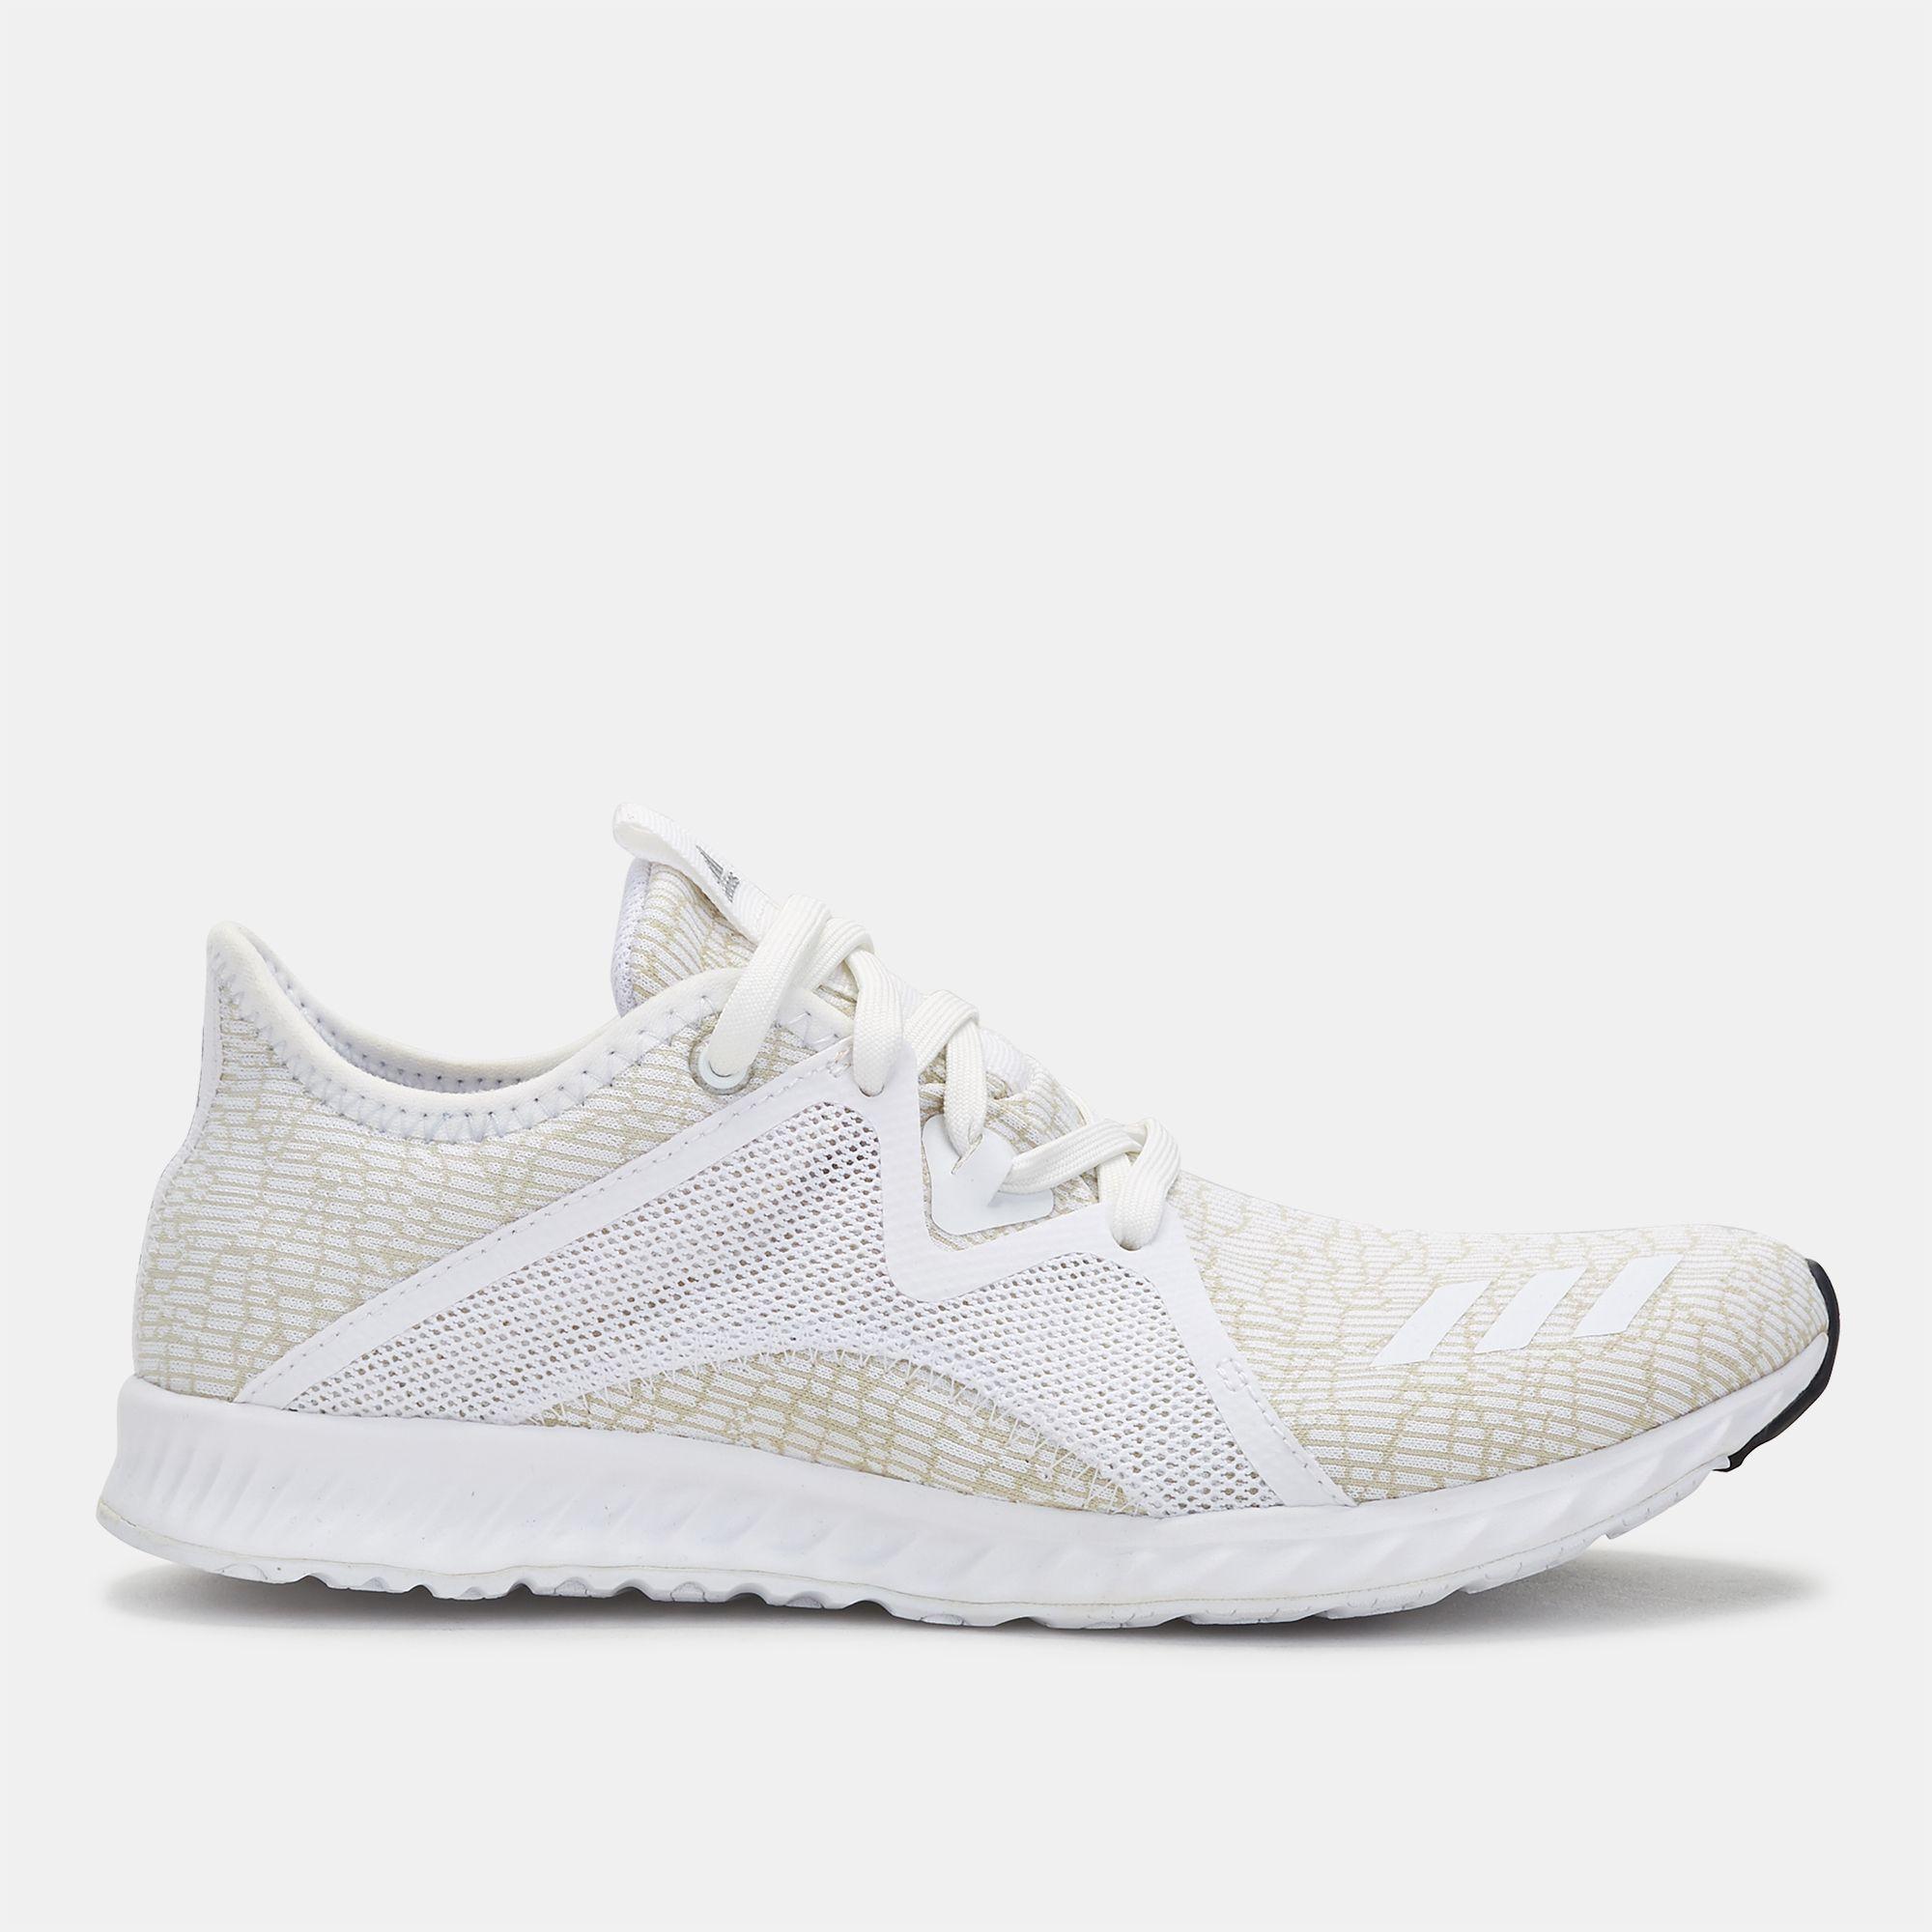 6b37caae8b Shop White adidas Edge Lux 2.0 Shoe for Womens by adidas